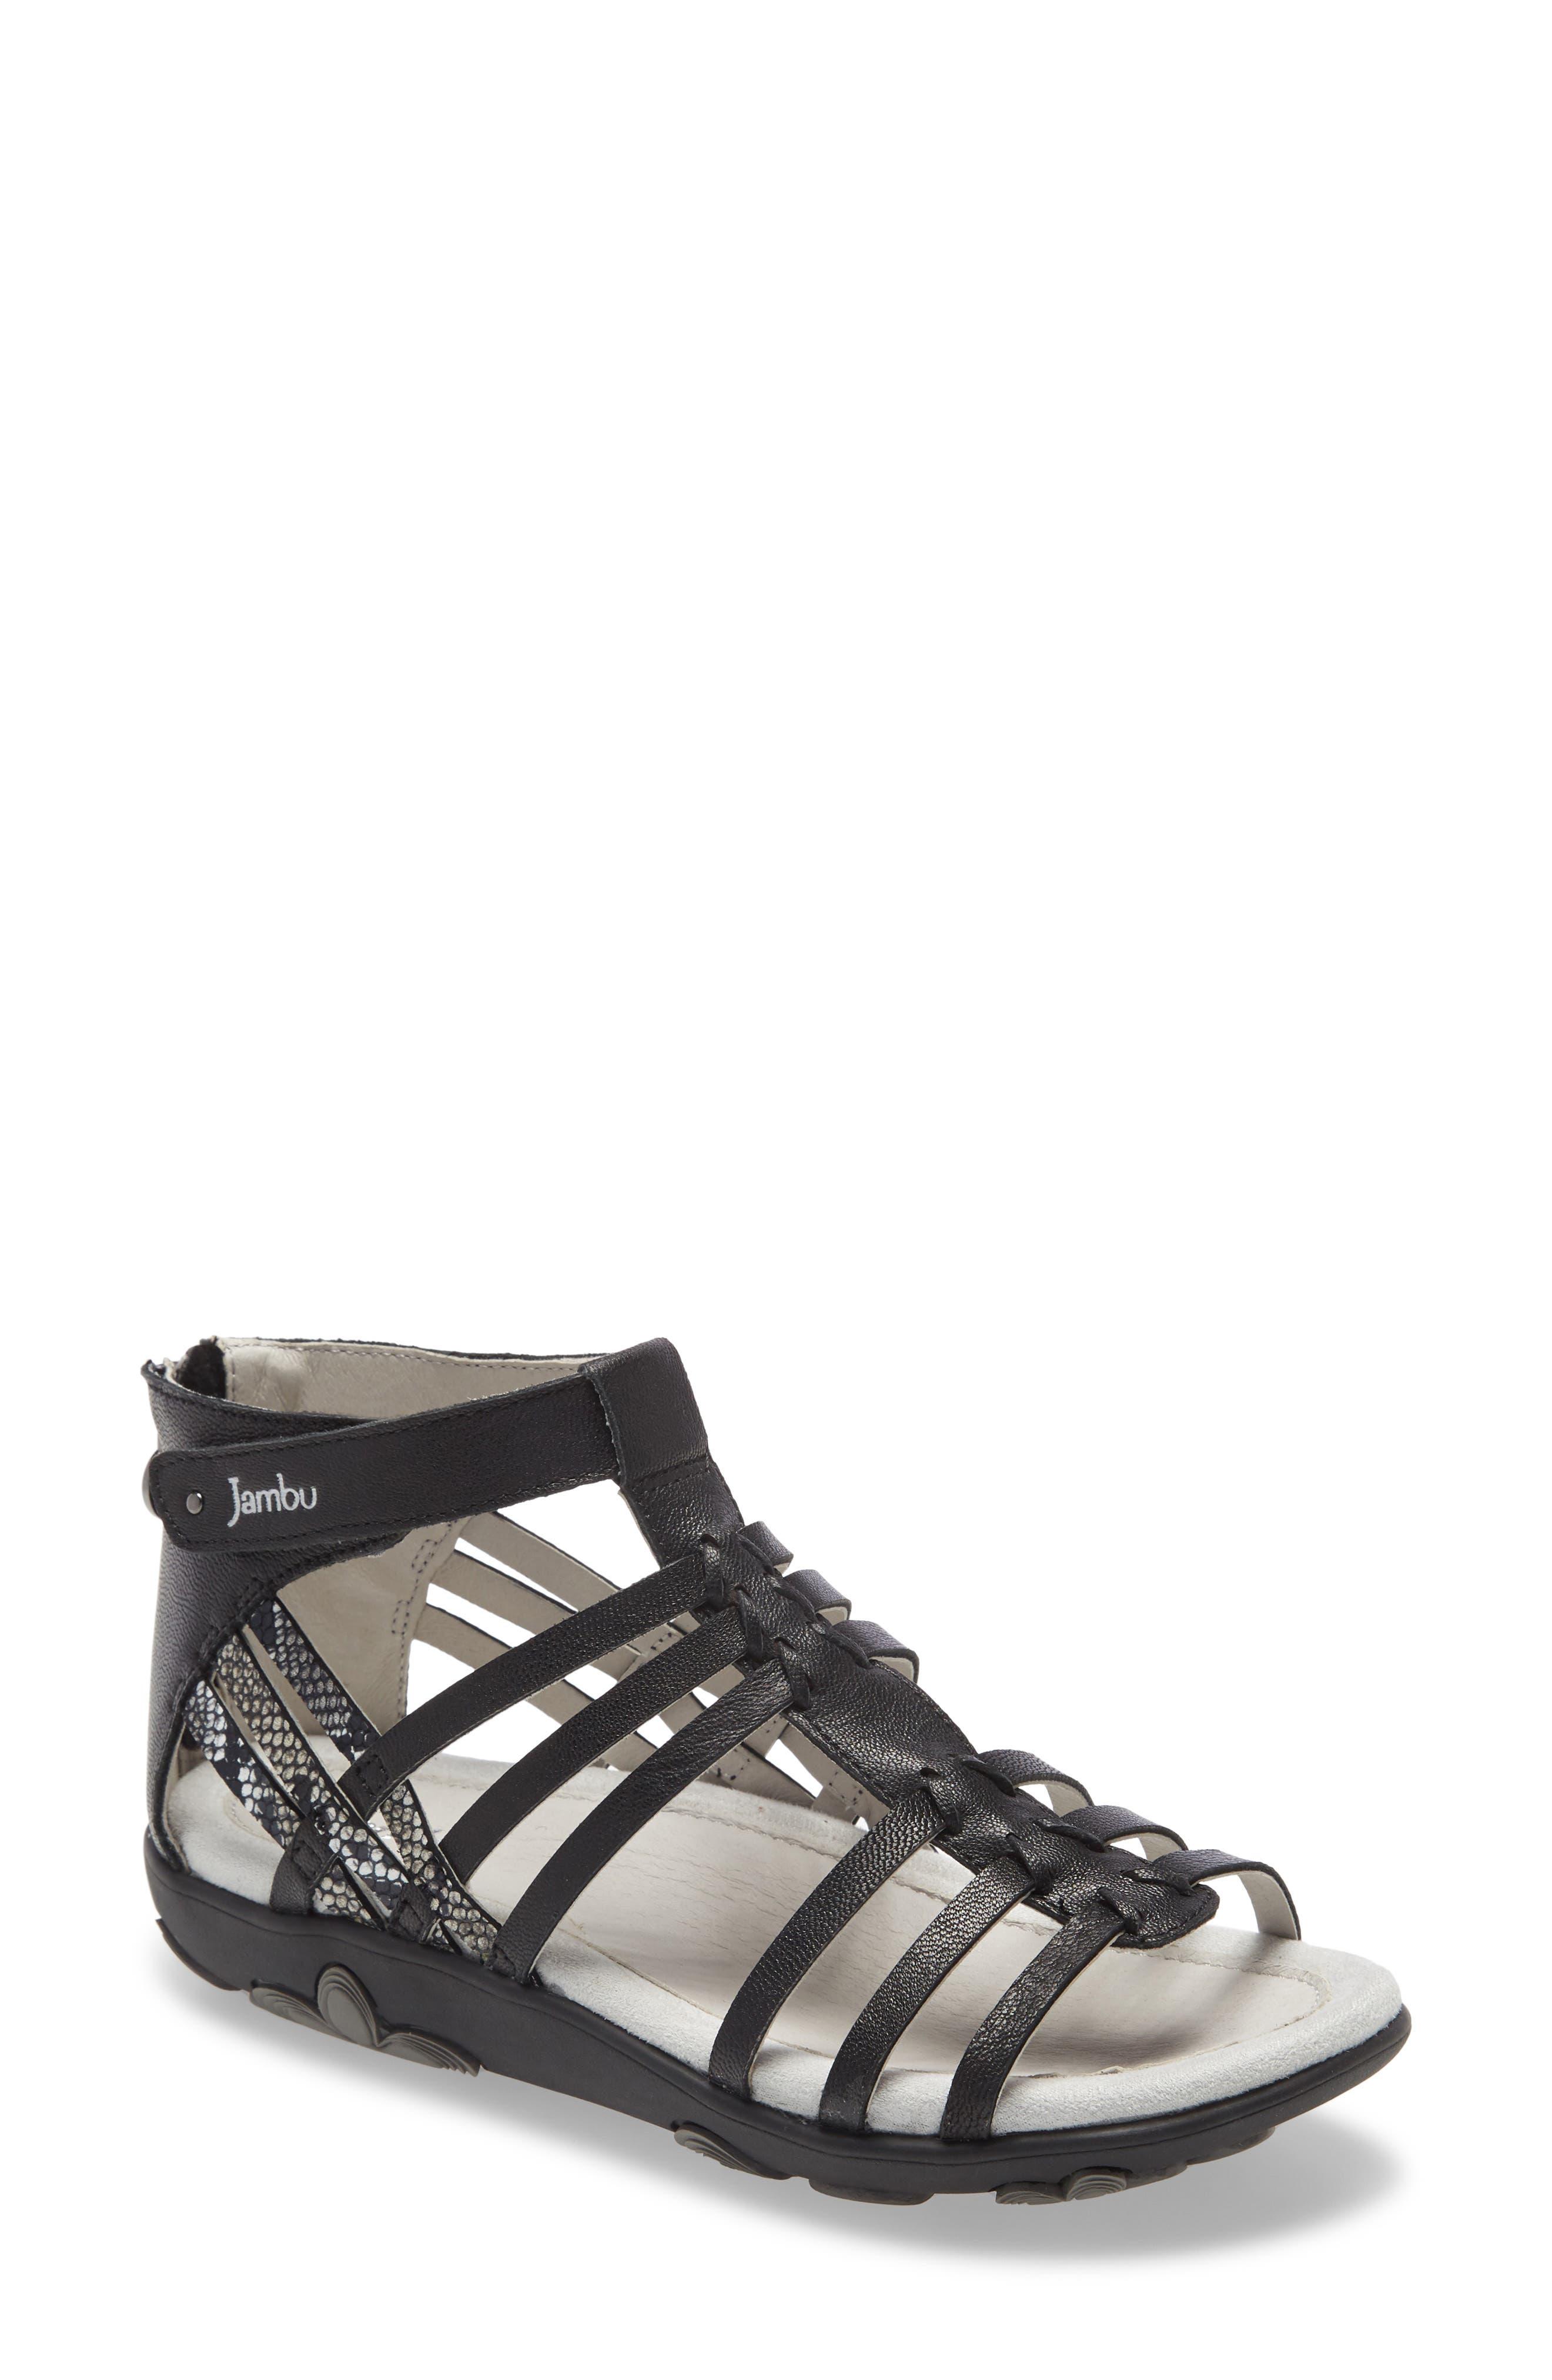 Women's Jambu Sandals and Flip Flops Nordstrom  Nordstrom